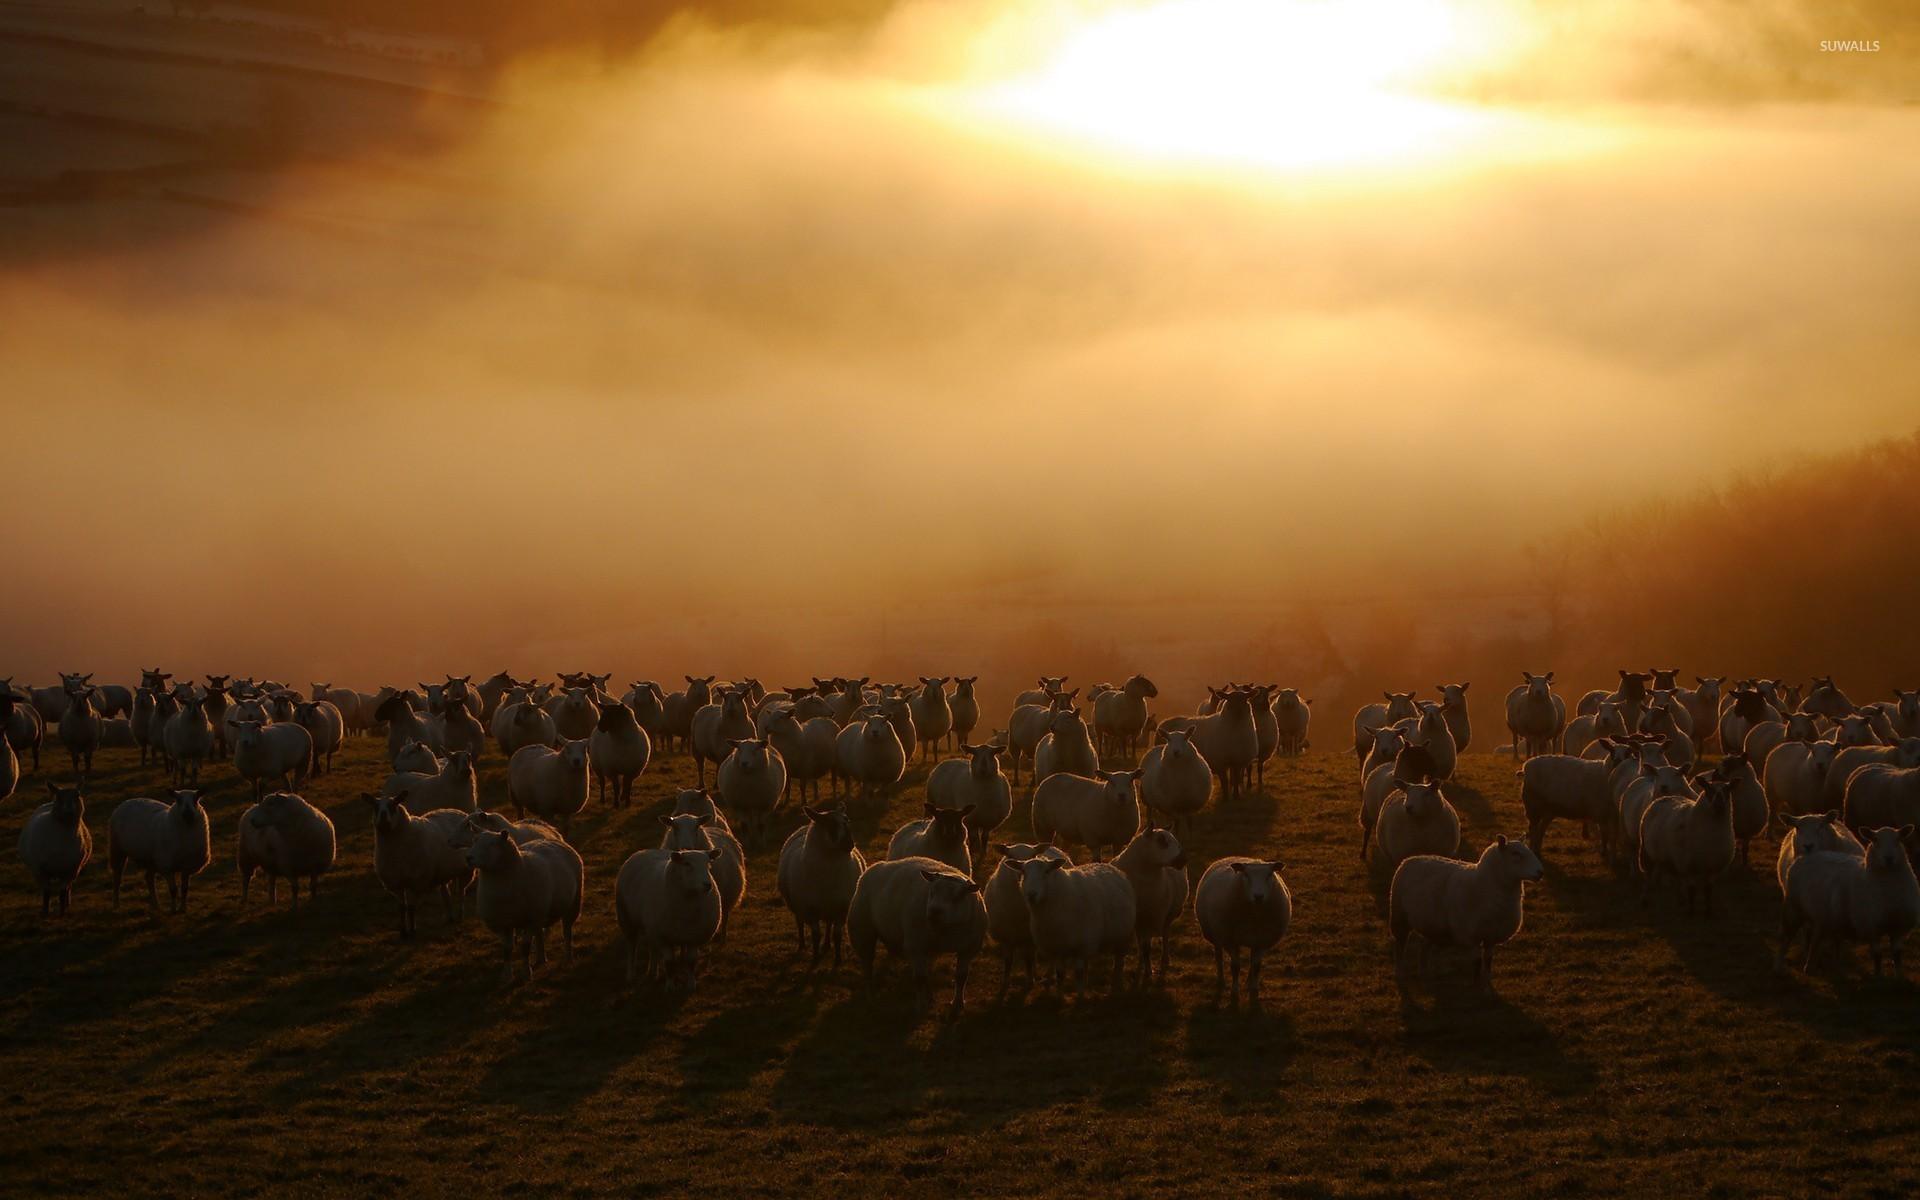 Sheep Flock Wallpaper